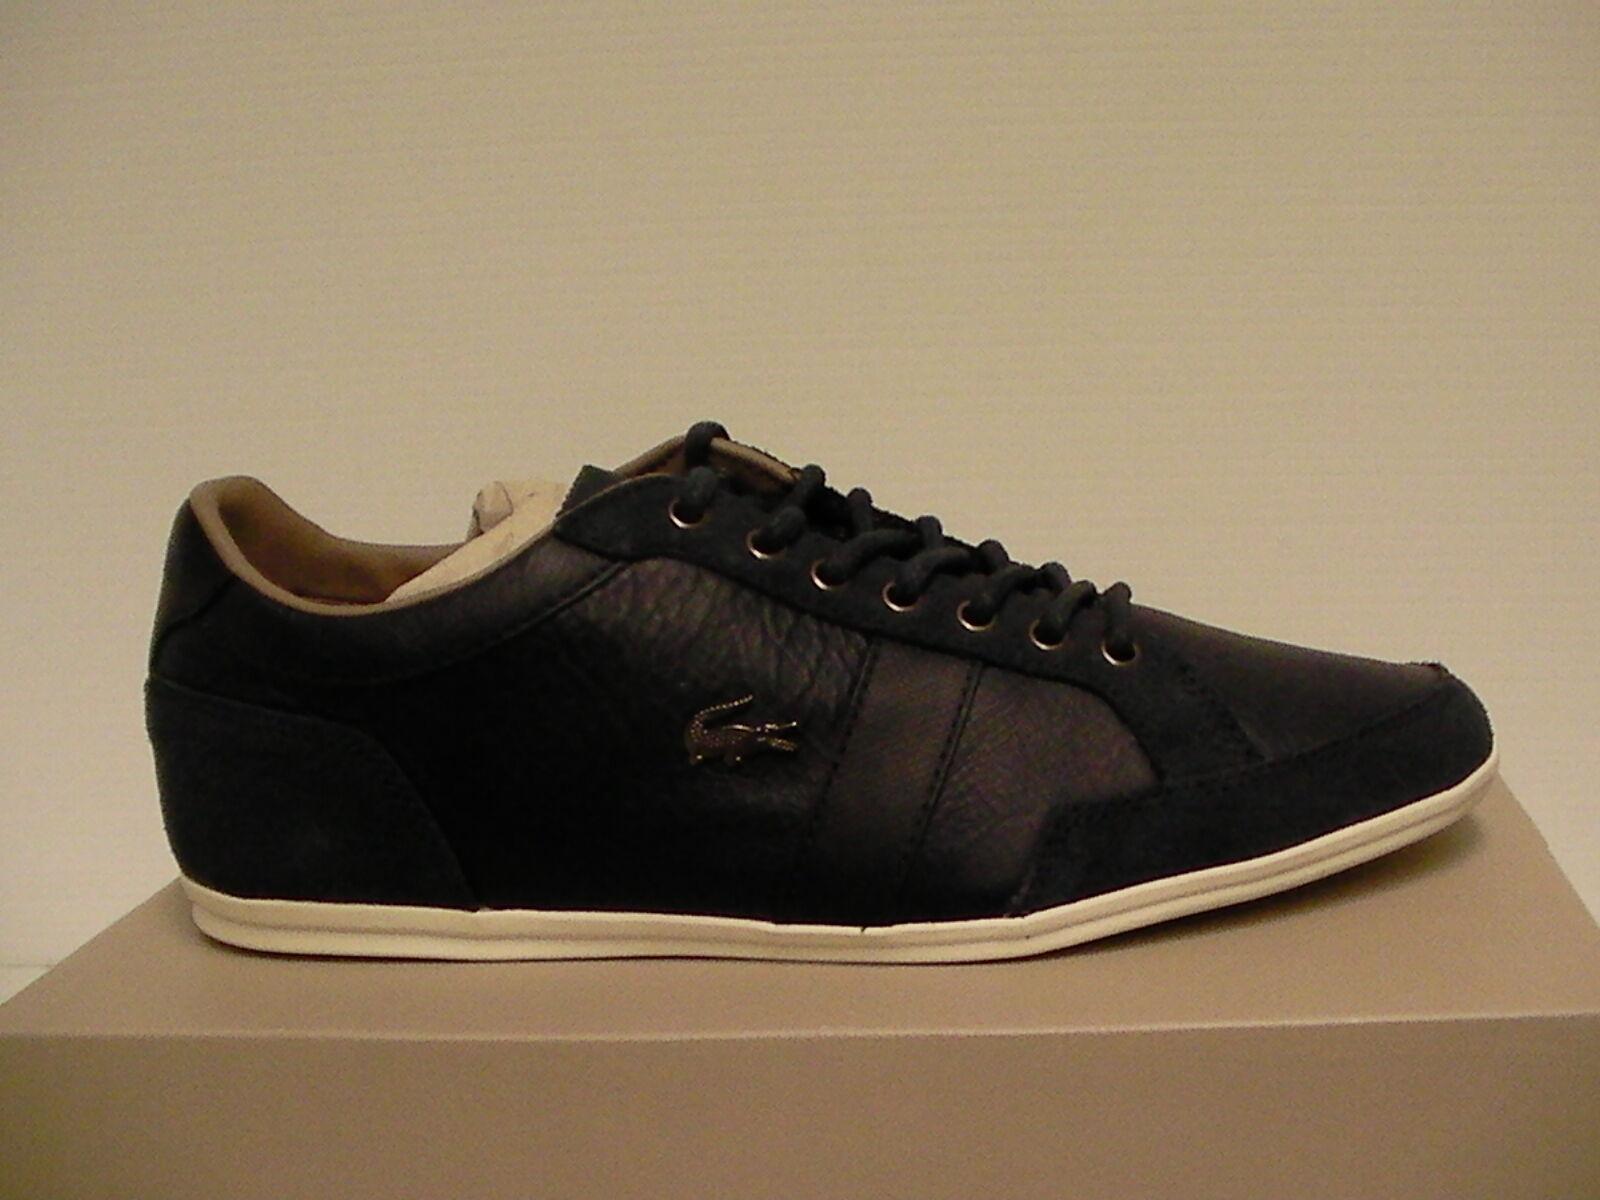 kilpailukykyinen hinta uusi korkea suorituskykyiset urheiluvaatteet Lacoste casual shoes alisos 23 spm navy leather/suede size 9 us men